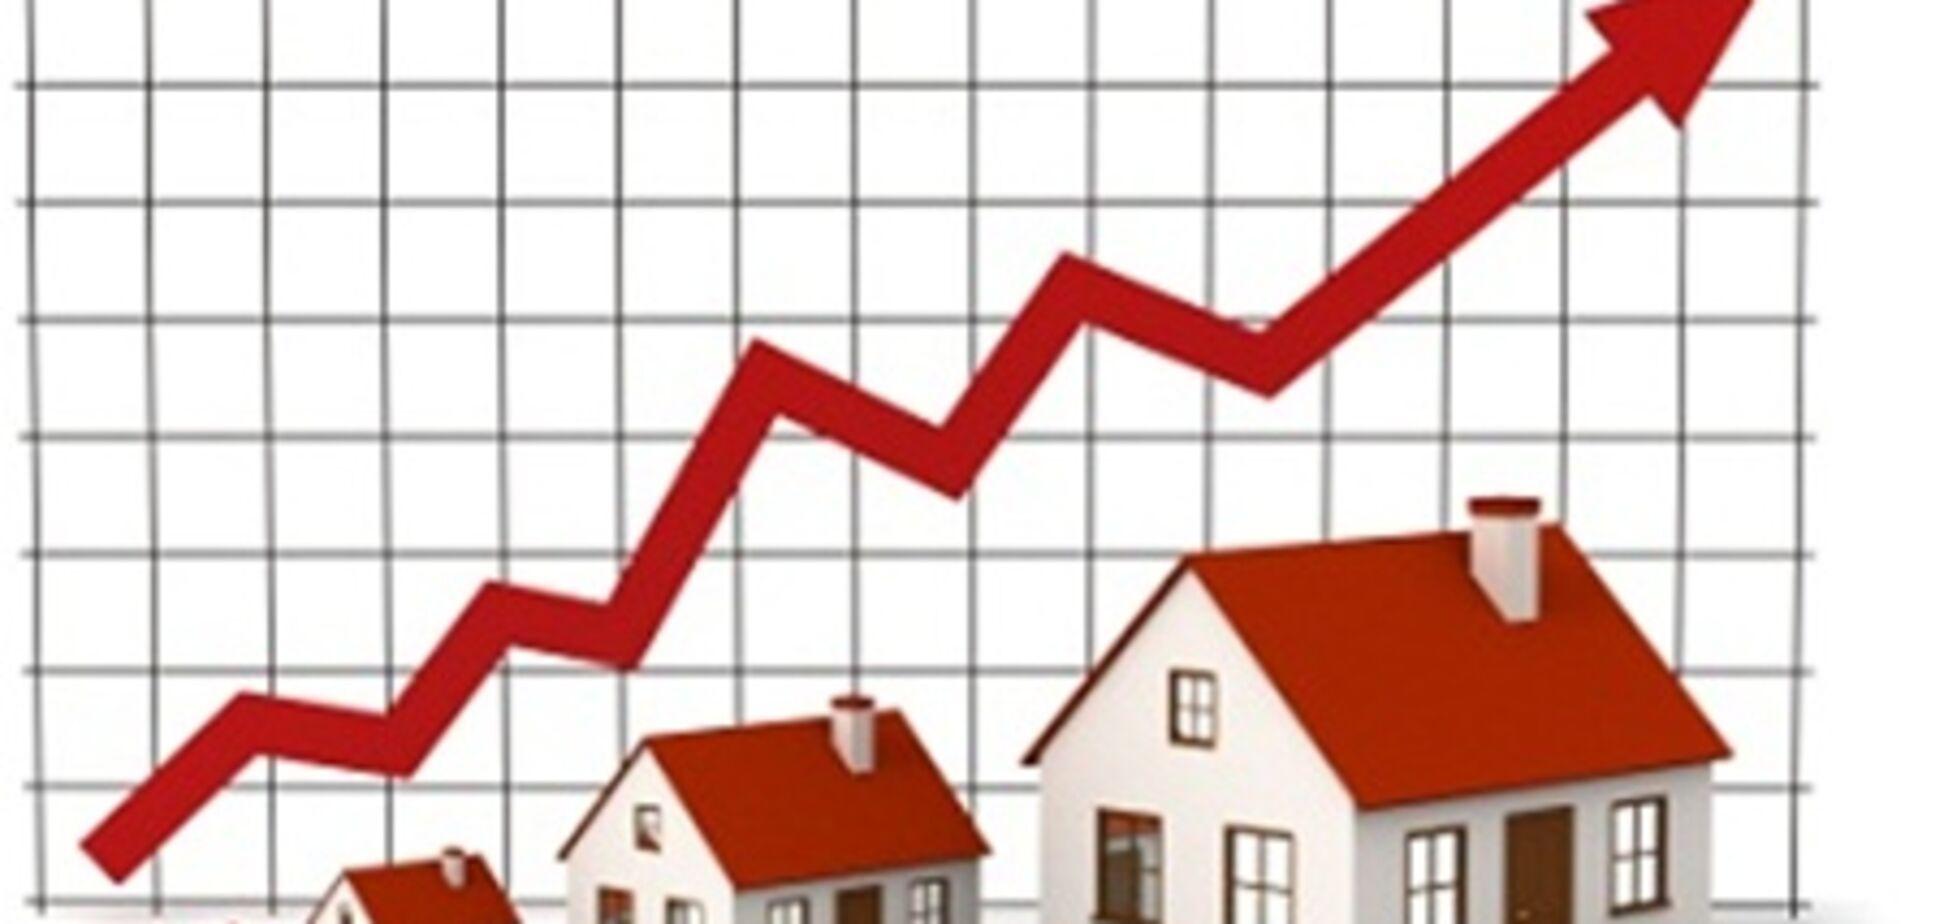 Эксперты пока не видят оснований для роста цен на недвижимость